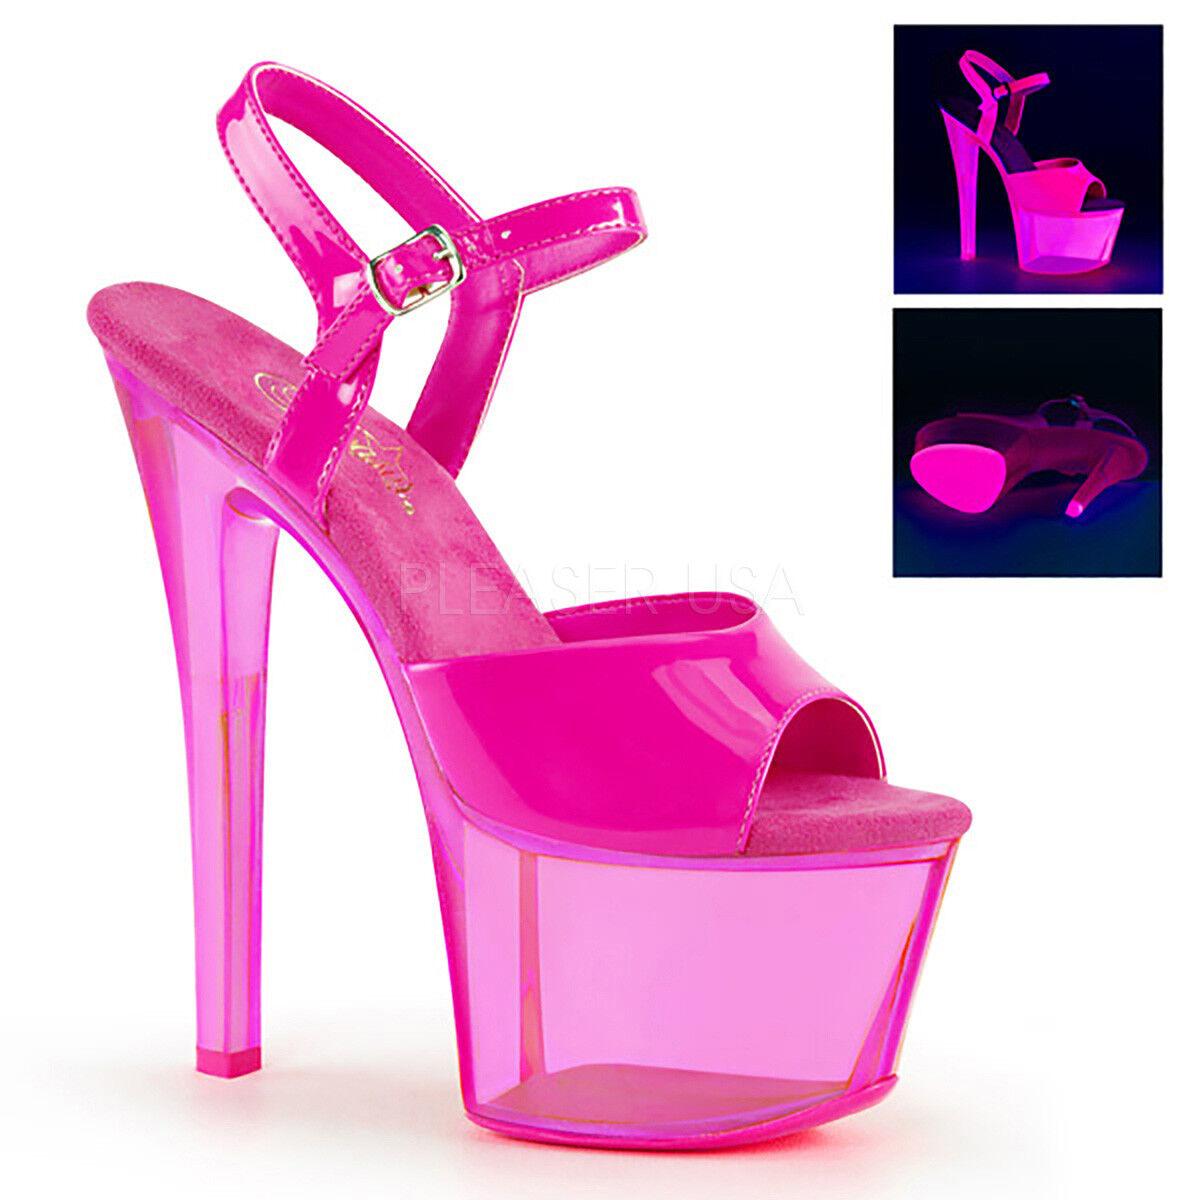 rivenditore di fitness Pleaser SKY-309UVT Donna  Neon Neon Neon Hot rosa Heel Tinted Platform Ankle Strap Sandal  fornire un prodotto di qualità